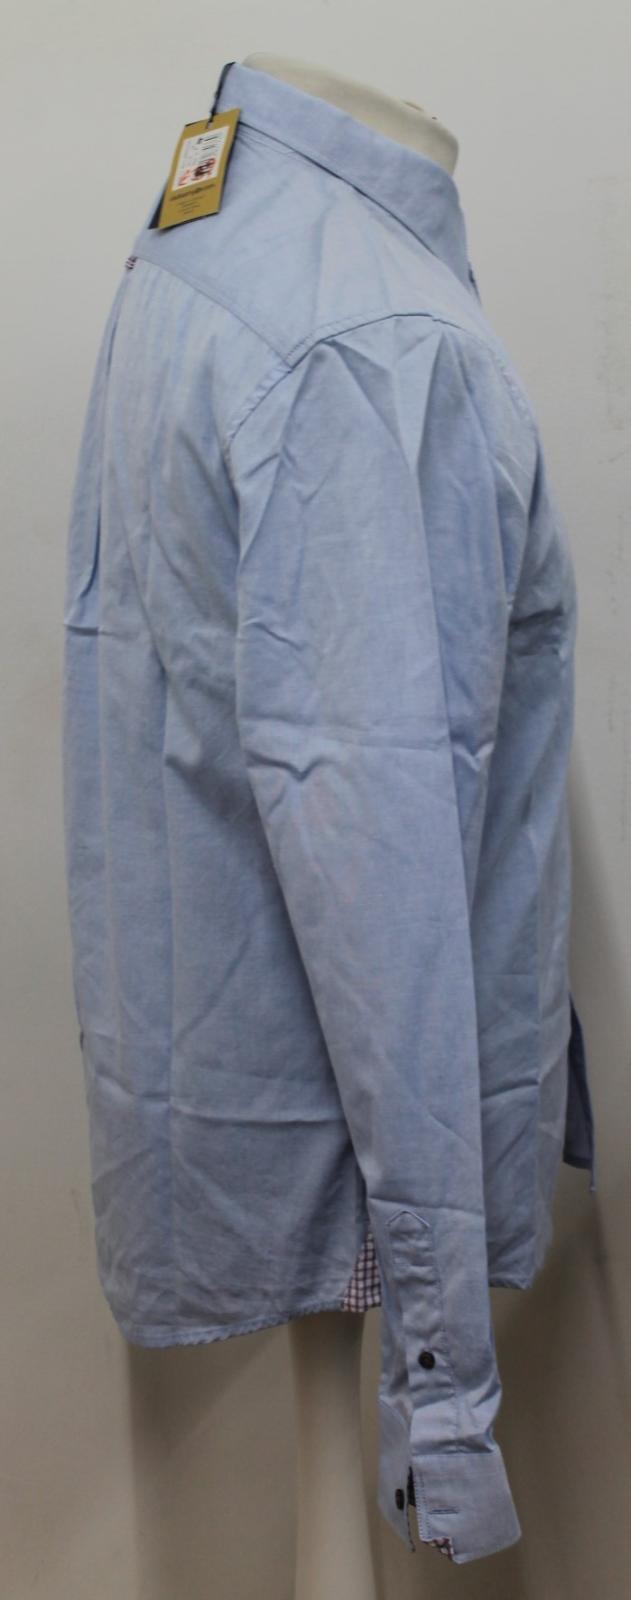 BNWT Dubarry uomo ballsbridge blu manica lunga puro cotone Camicia Camicia Camicia Taglia S c993ad